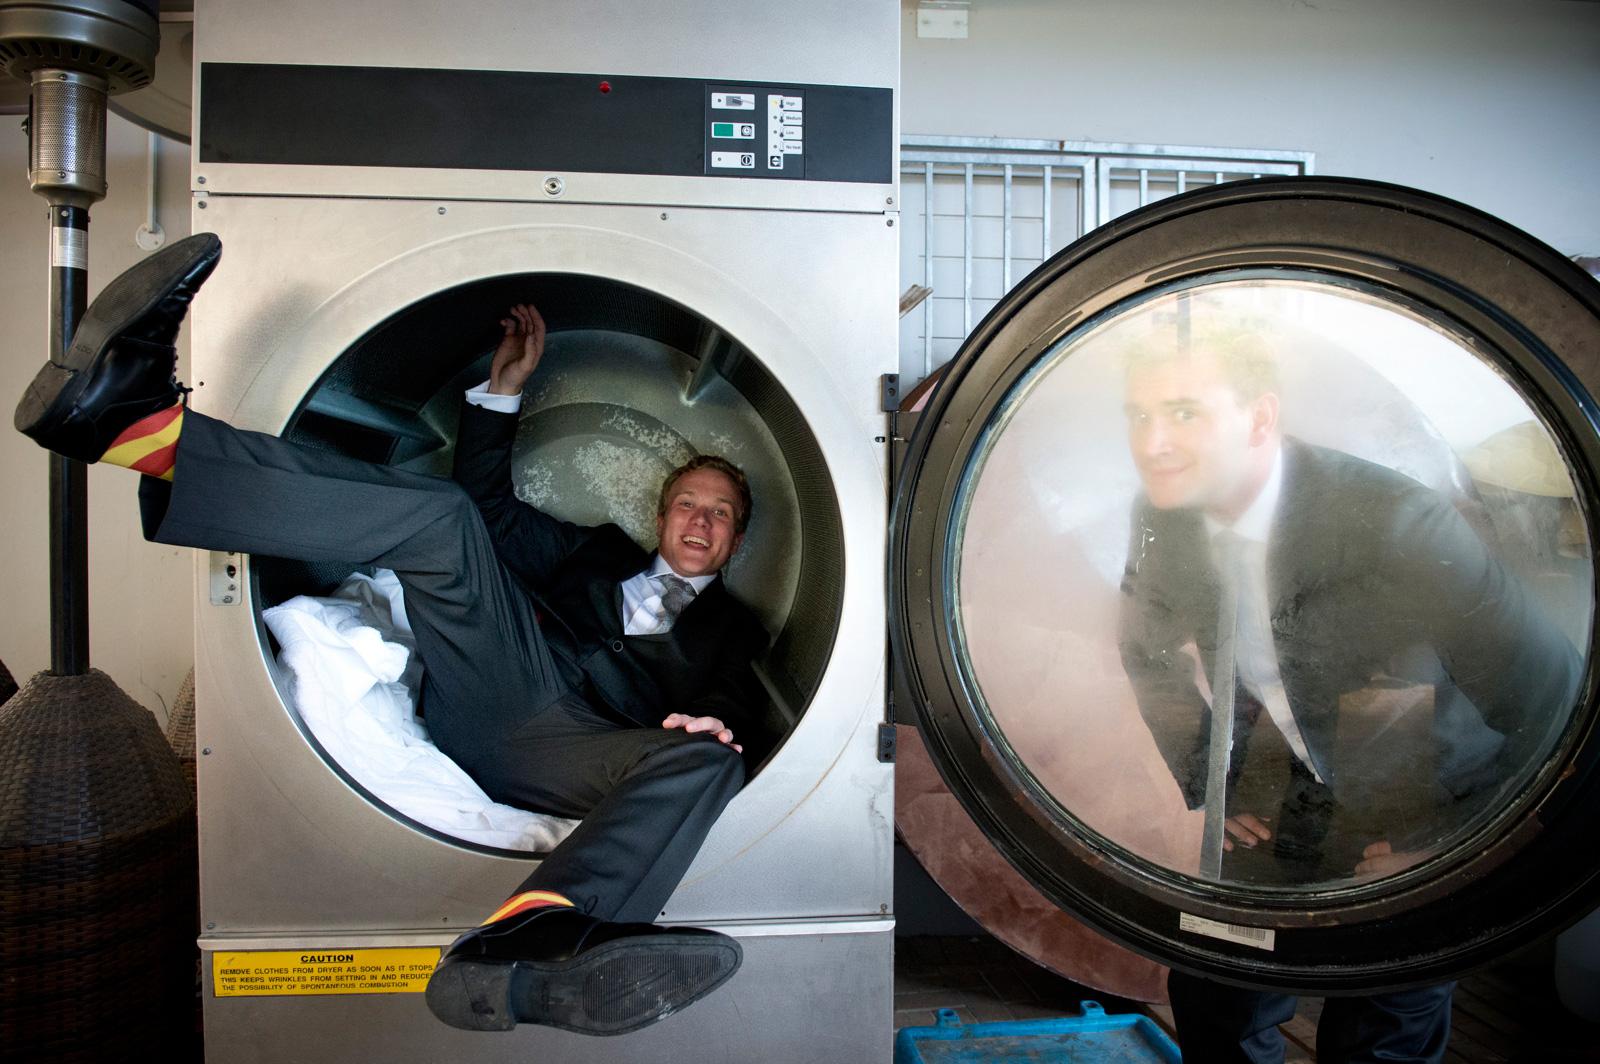 man in washign machine